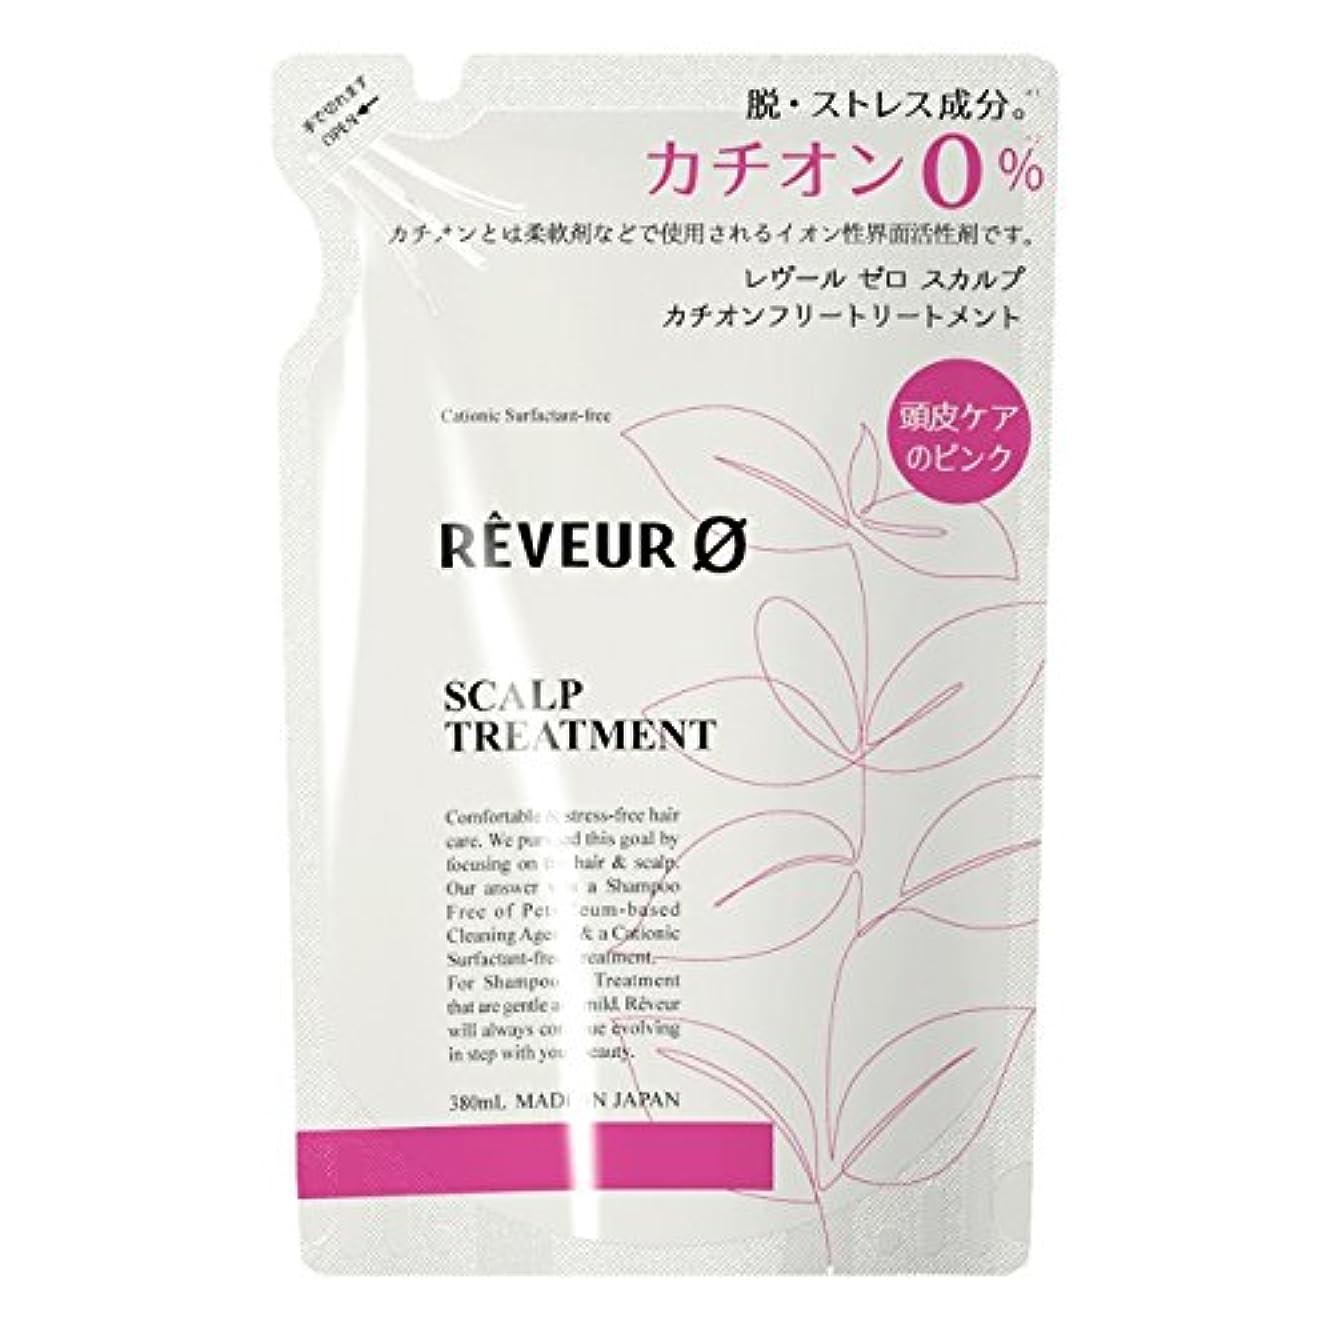 Reveur0(レヴール ゼロ) スカルプ カチオンフリー トリートメント 〈詰替〉 (380mL)